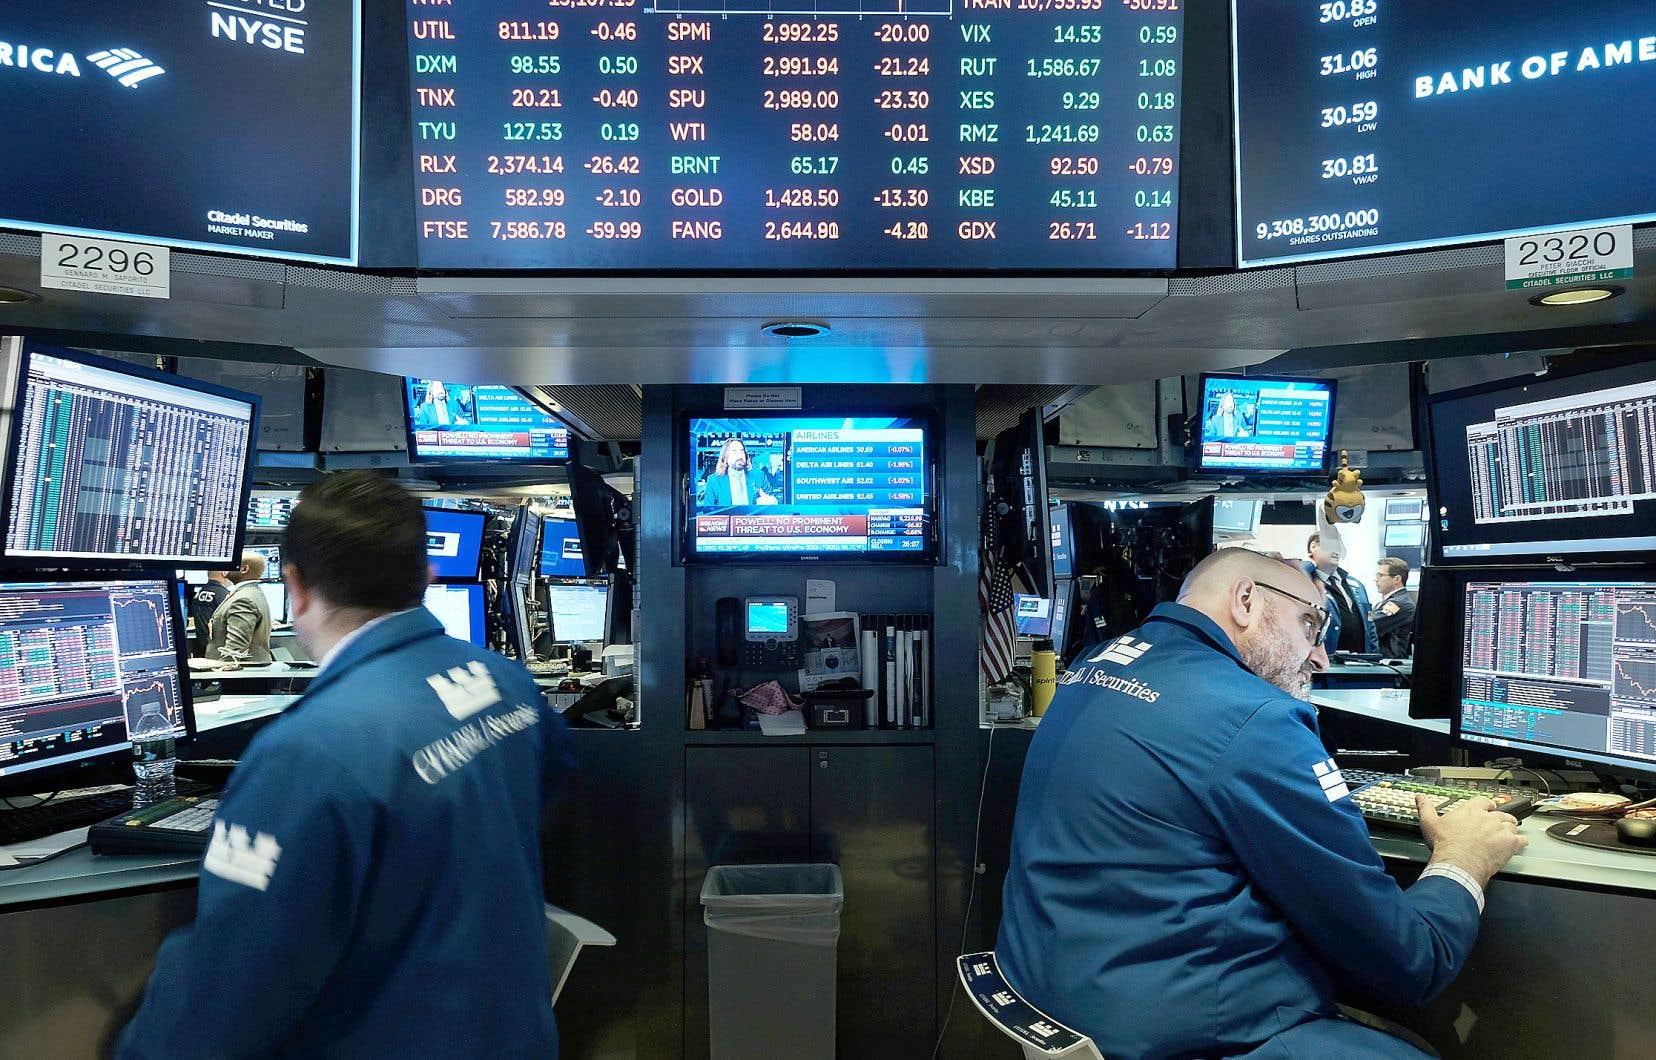 Le recul de l'indice S&P 500 de plus de 1% à Wall Street suggère que les marchés ont réagi durement à l'annonce de la Fed mercredi.